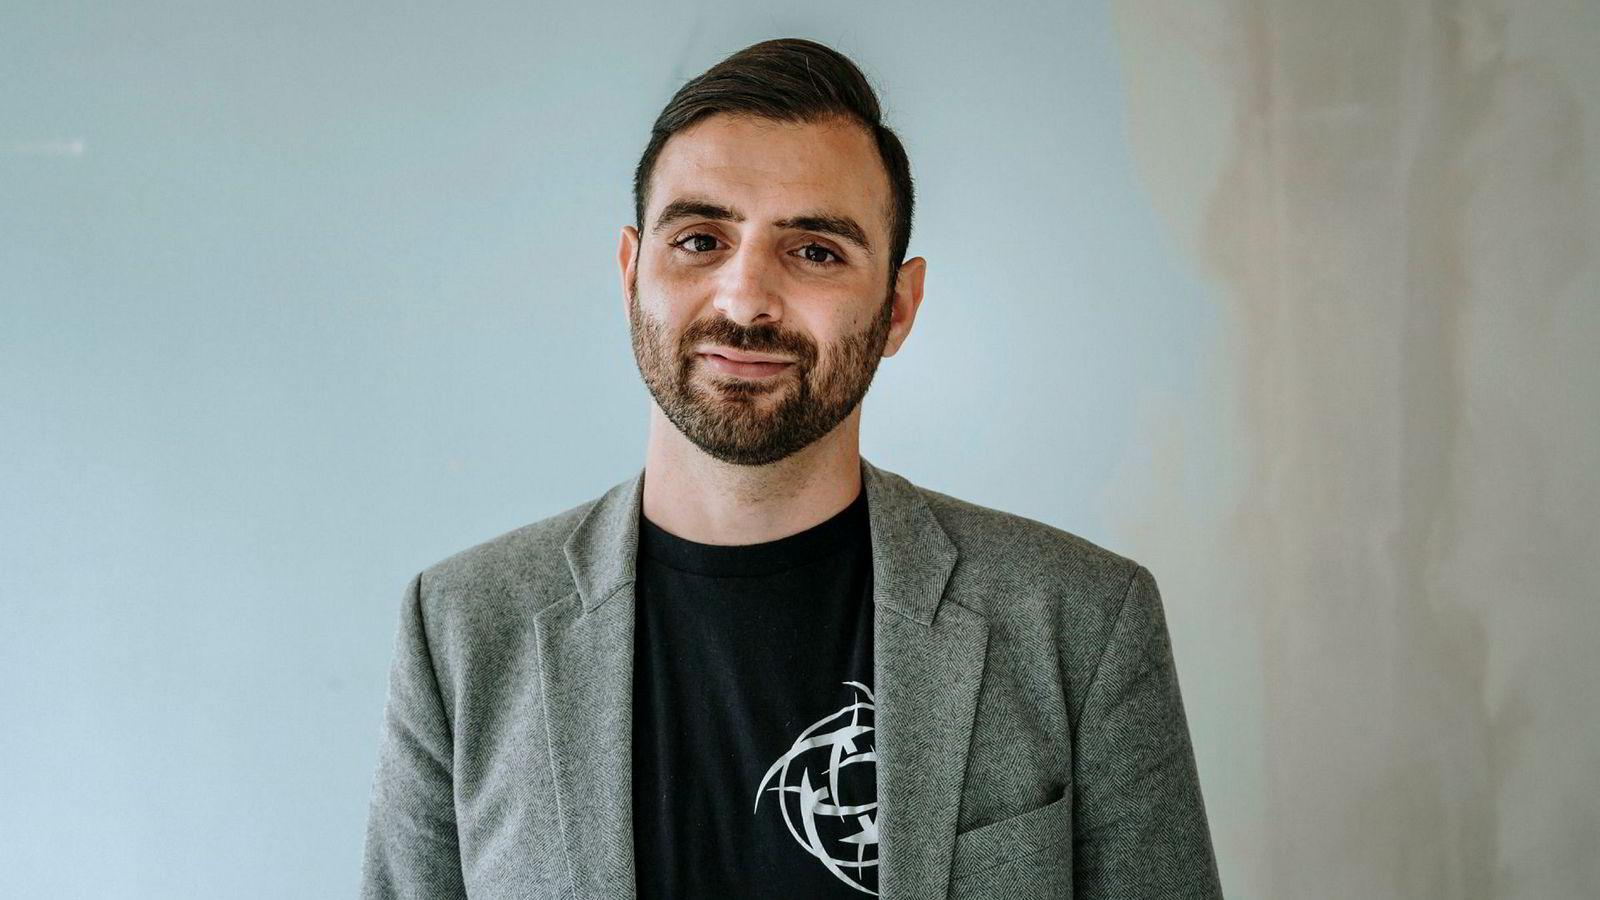 Hicham Chahine, sluttet som hedgefondforvalter i Formuesforvaltning for å bygge e-sportslaget Nip (Ninjas in Pyjamas) som nå er verdsatt til 500 millioner kroner.